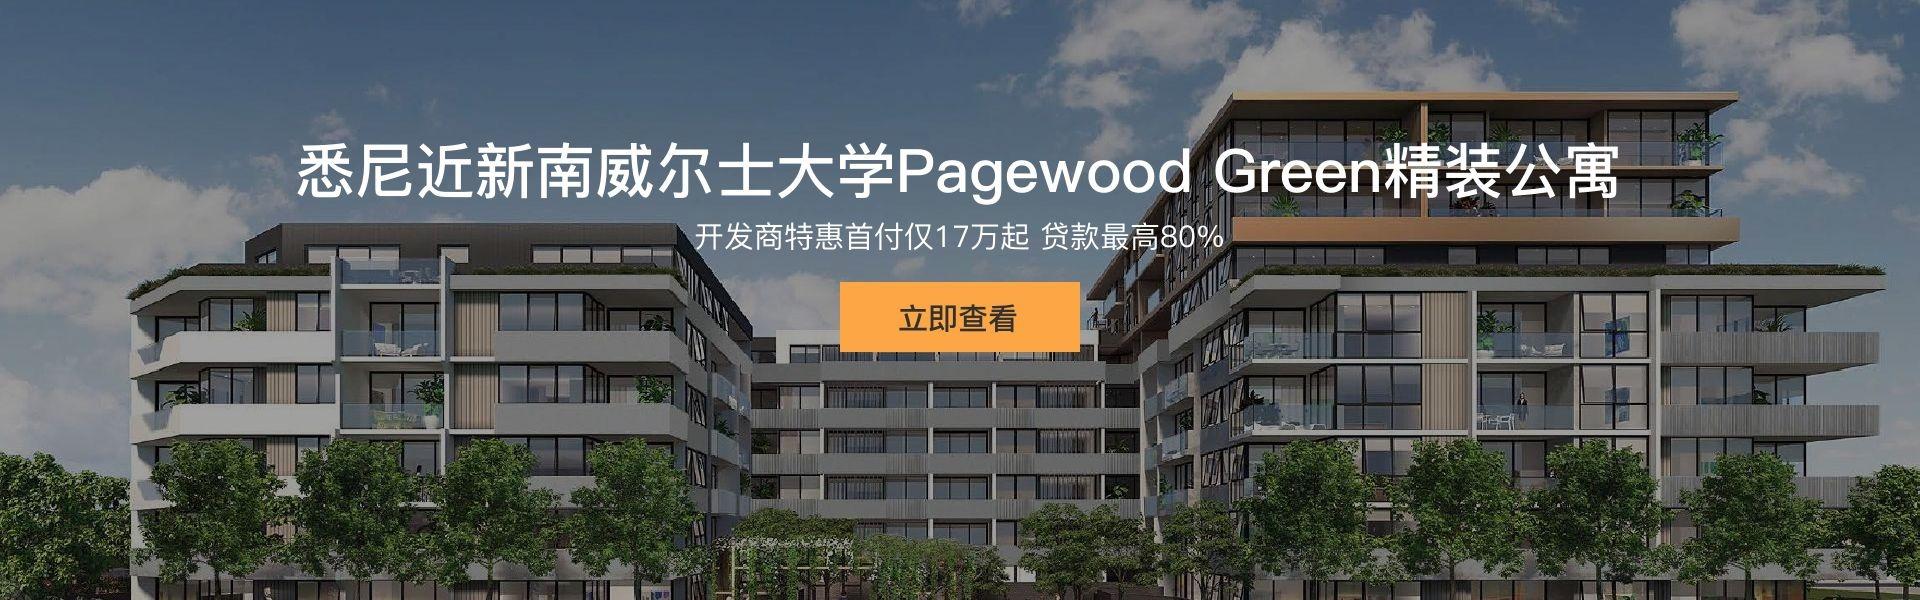 悉尼近新南威尔士大学Pagewood Green精装公寓